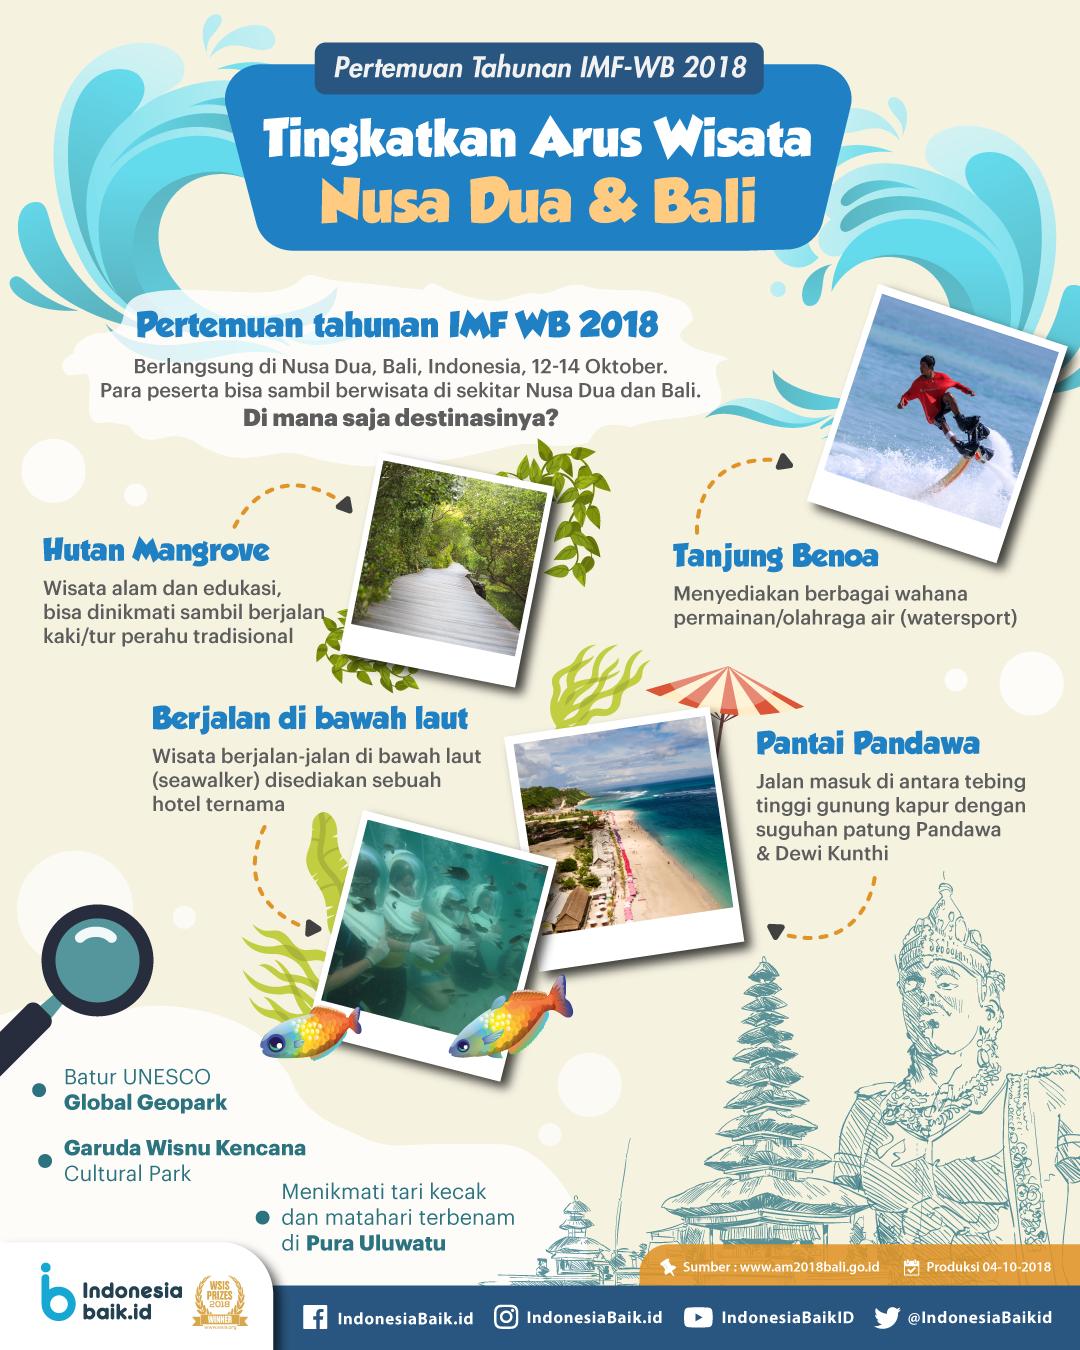 Tingkatkan Arus Wisata di Nusa Dua & Bali